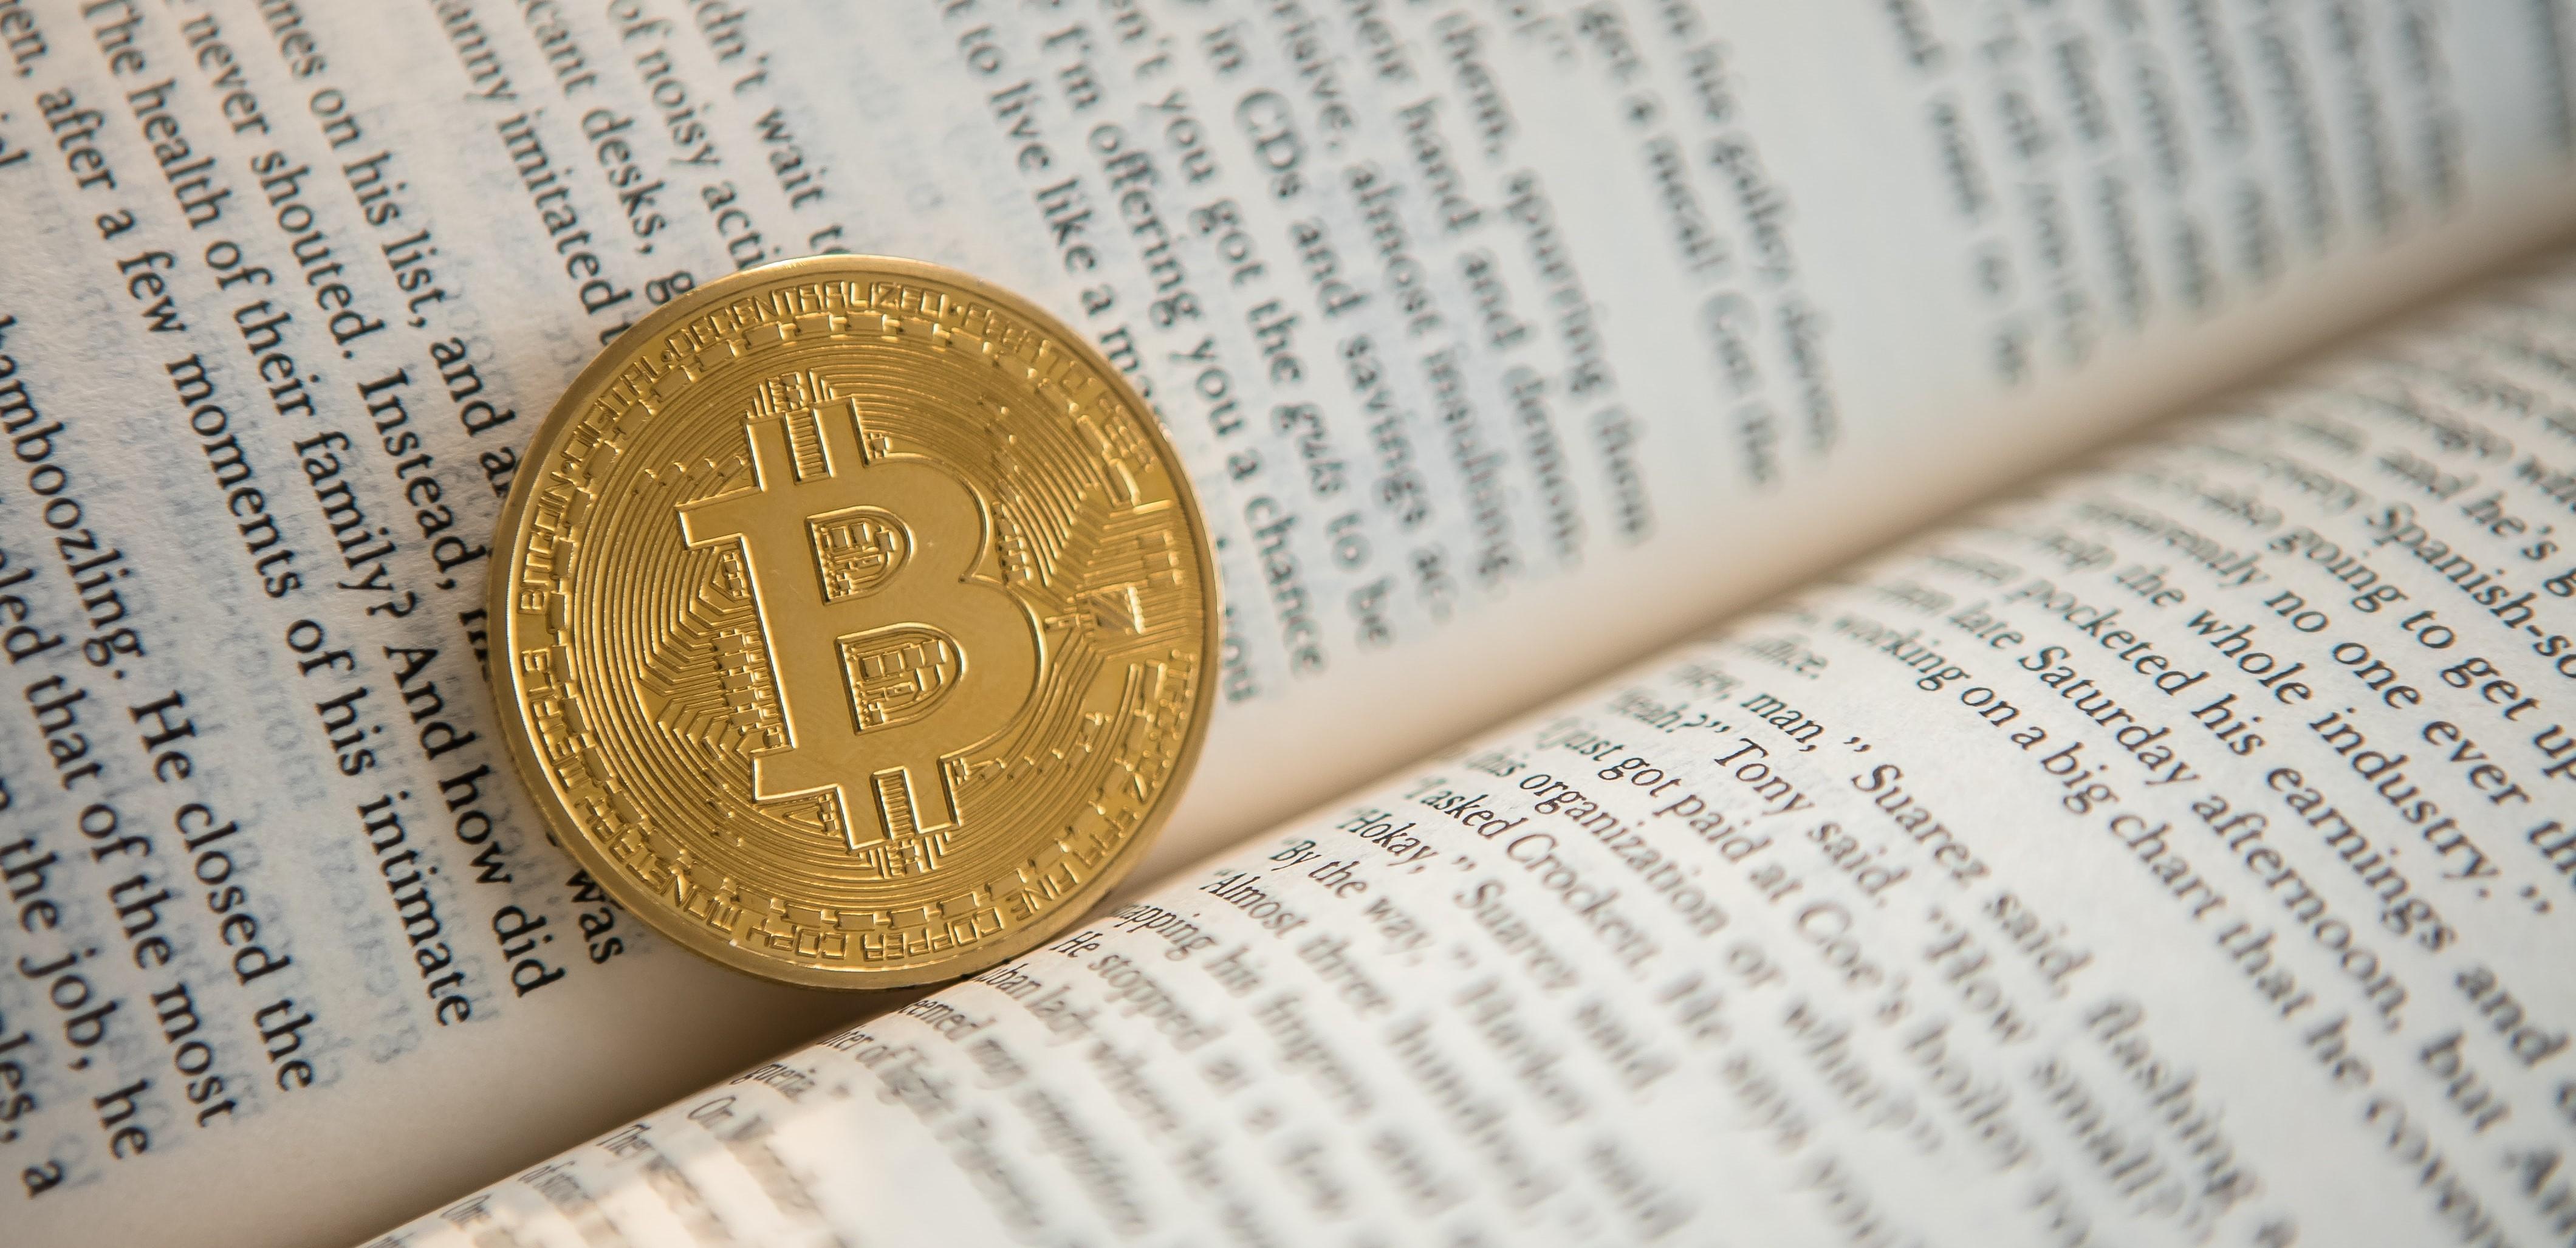 Eine kurze Geschichte über Bitcoin